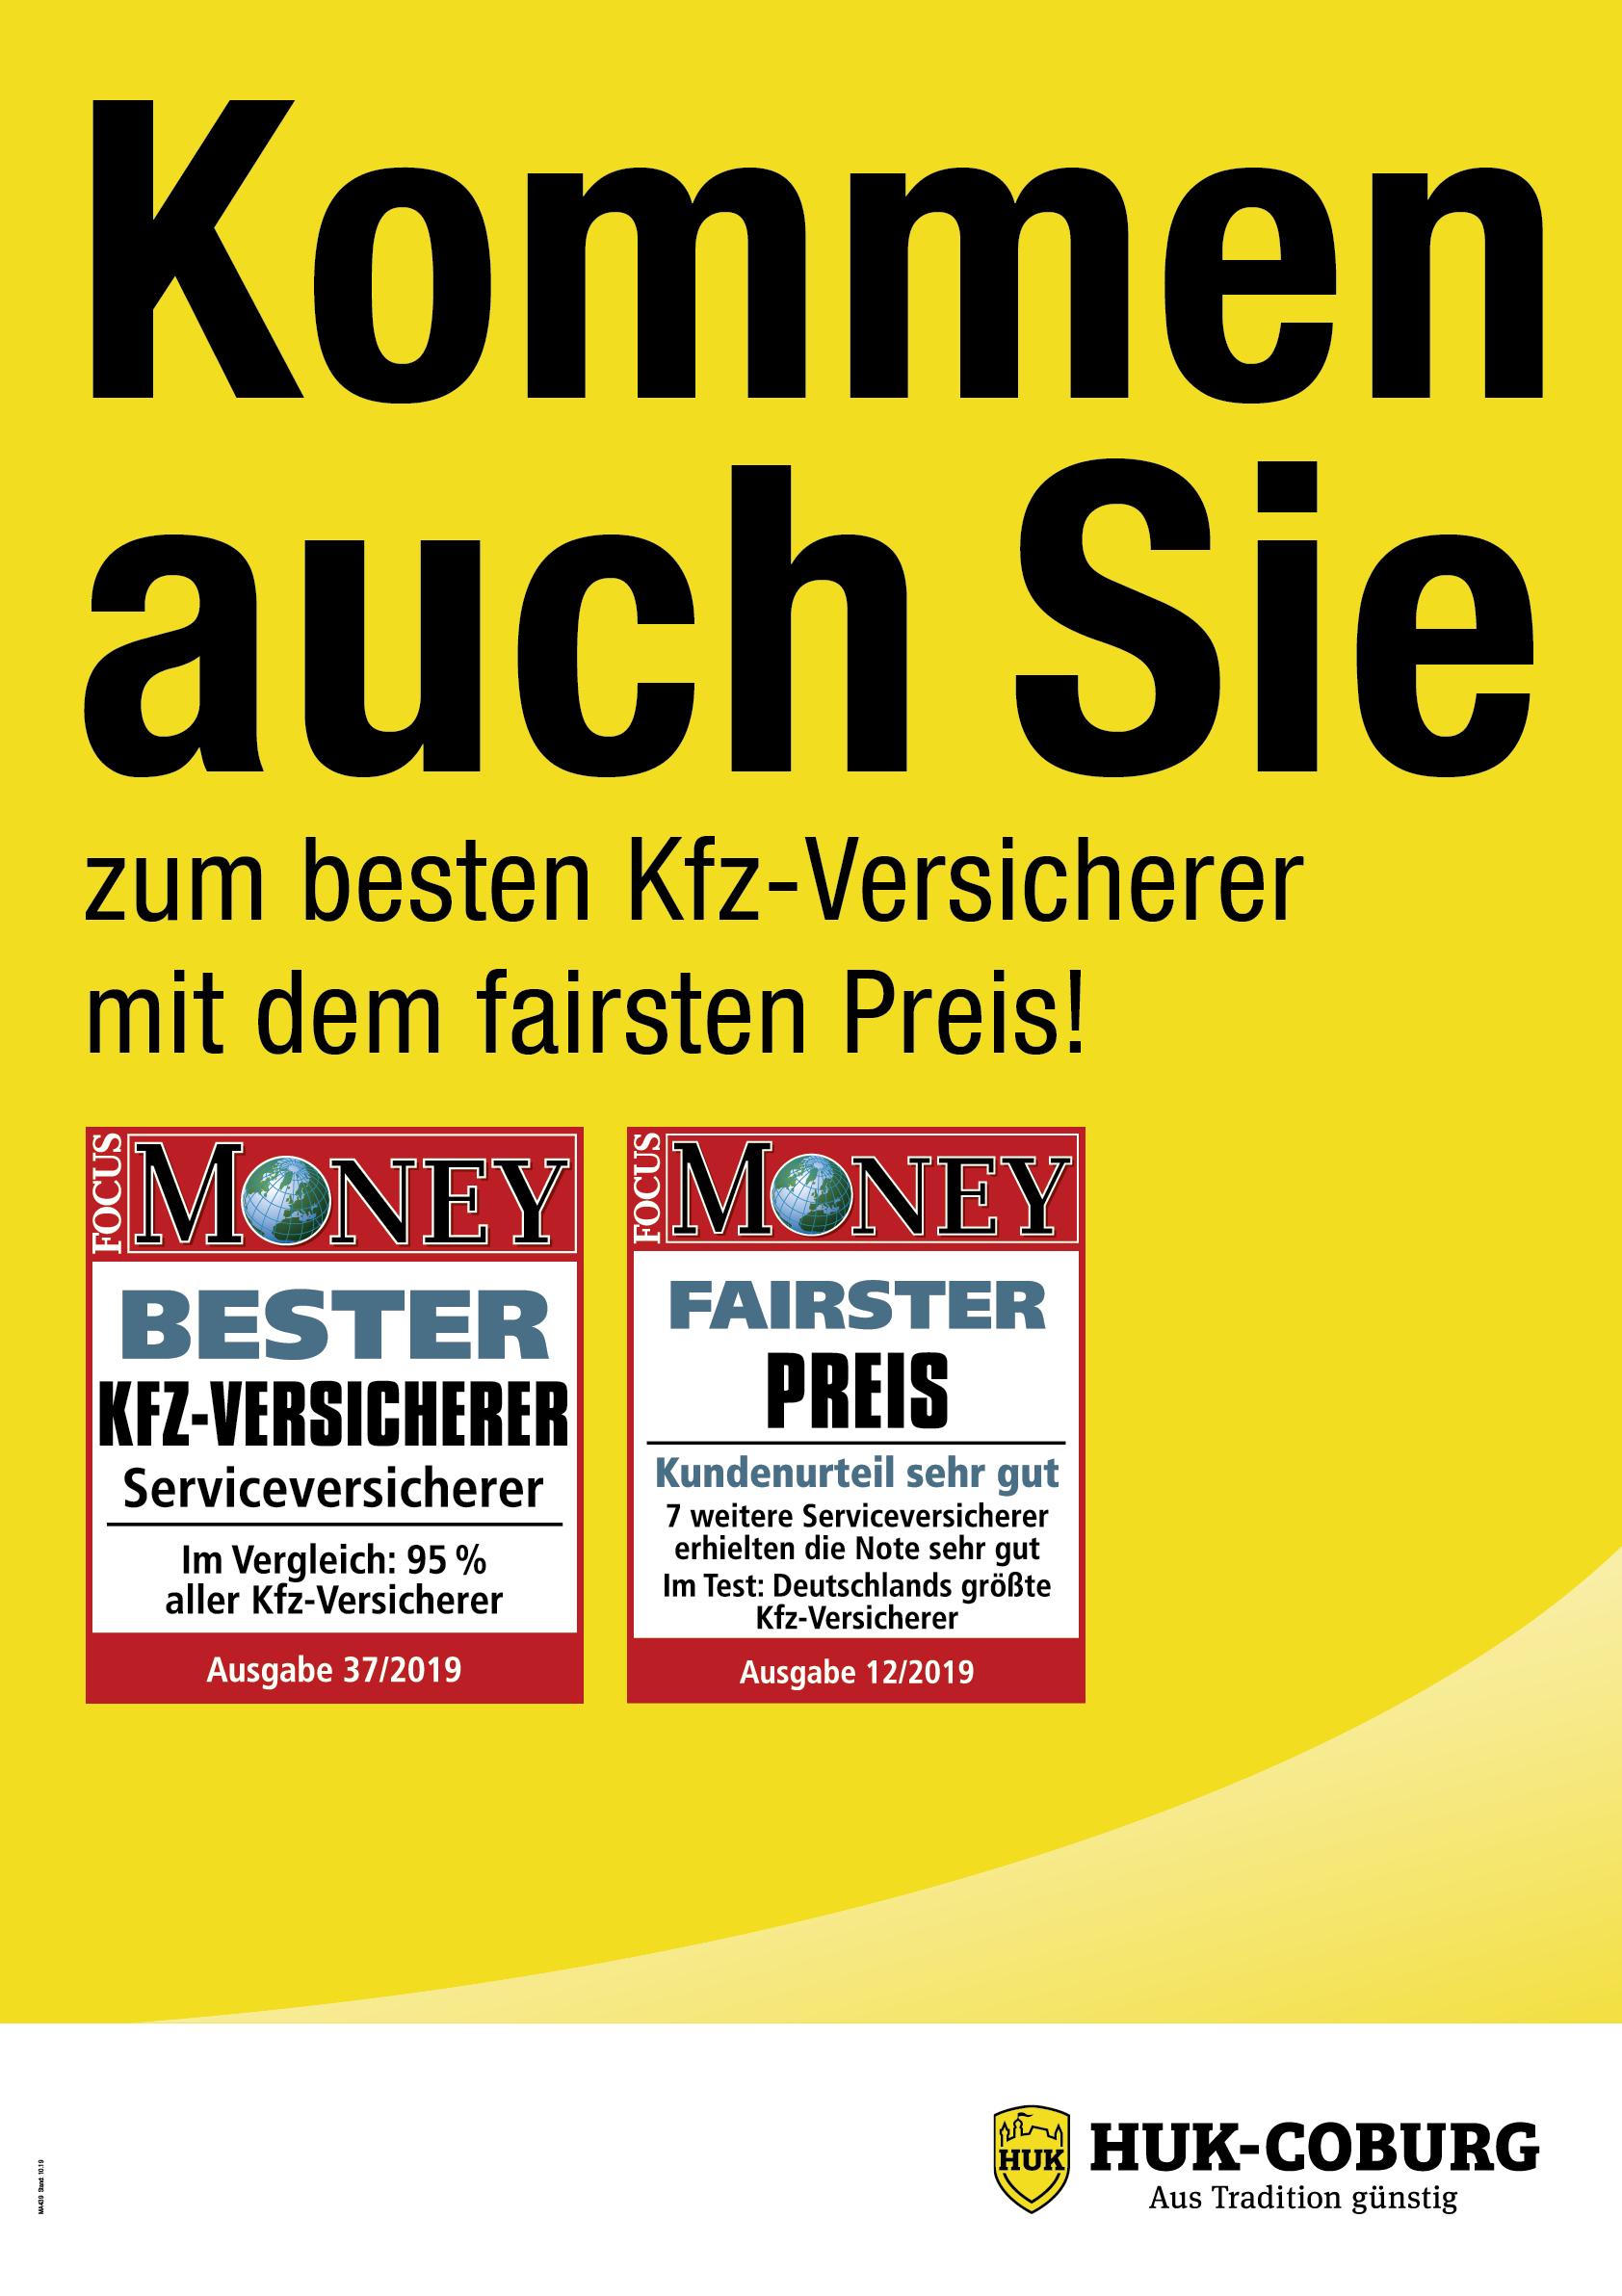 HUK-COBURG Versicherung Petra Terhag in Köln - Urbach